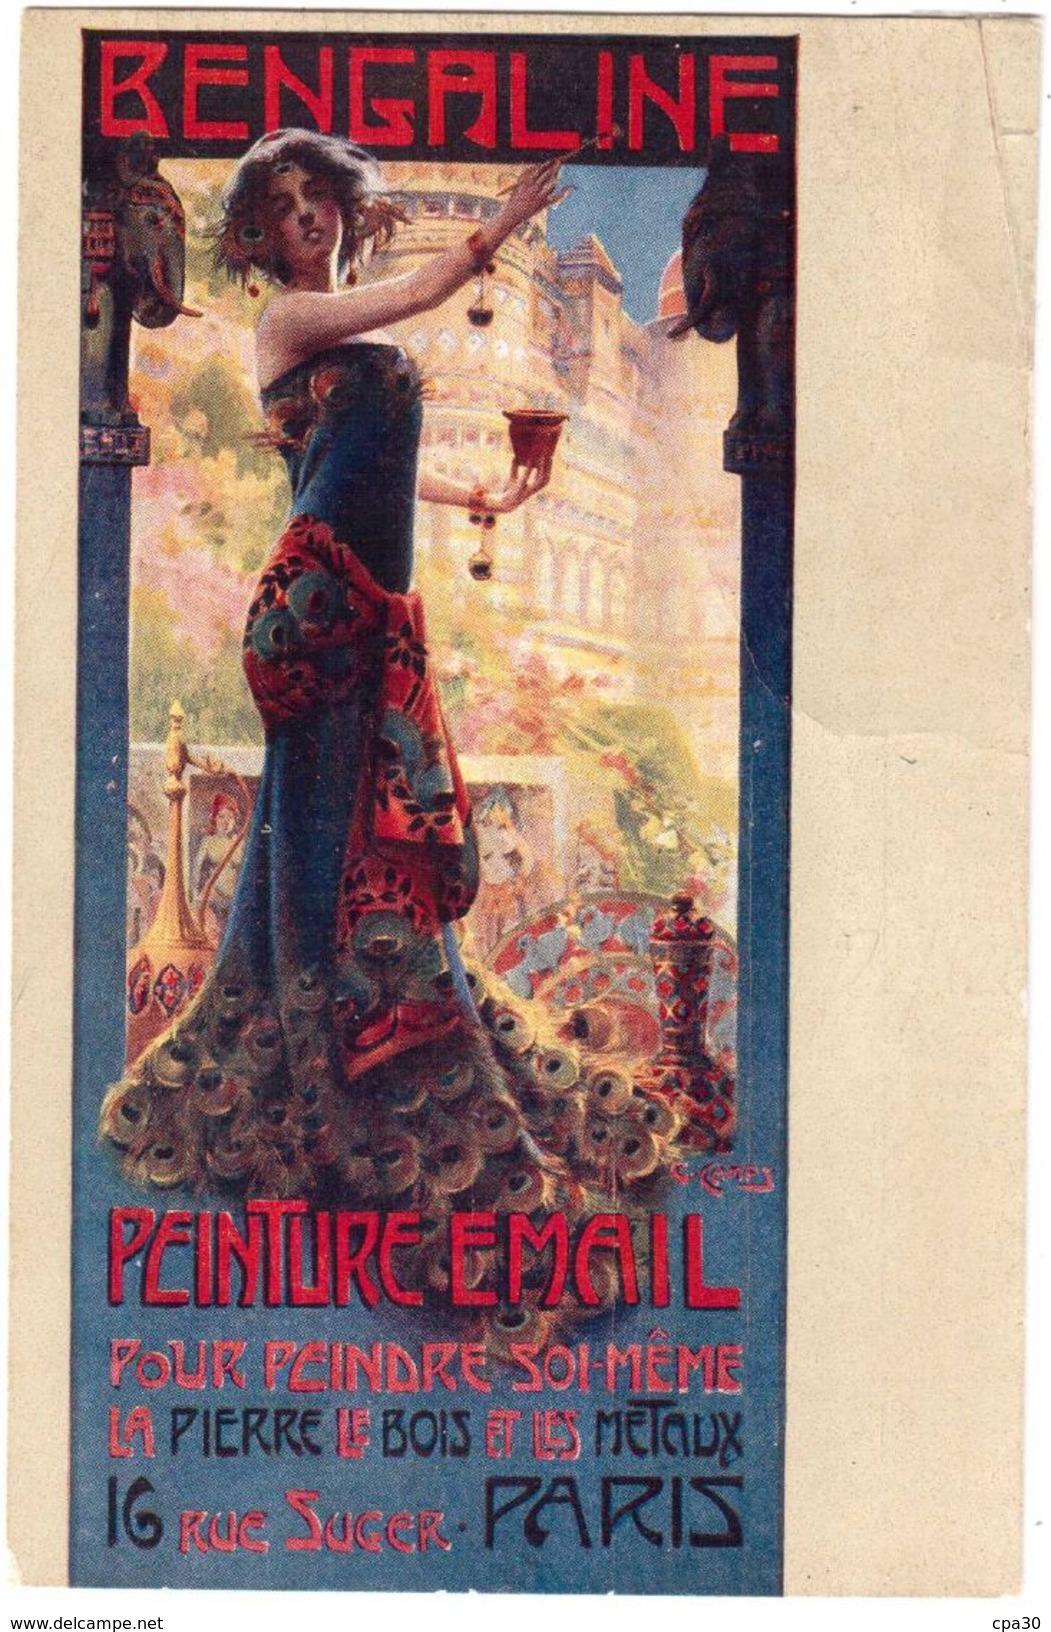 CPA ART NOUVEAU.ILLUSTRATEUR G  CAMPS.DIT LE MUCHA CATALAN.PUBLICITE DE LA PEINTURE EMAIL BENGALINE - France